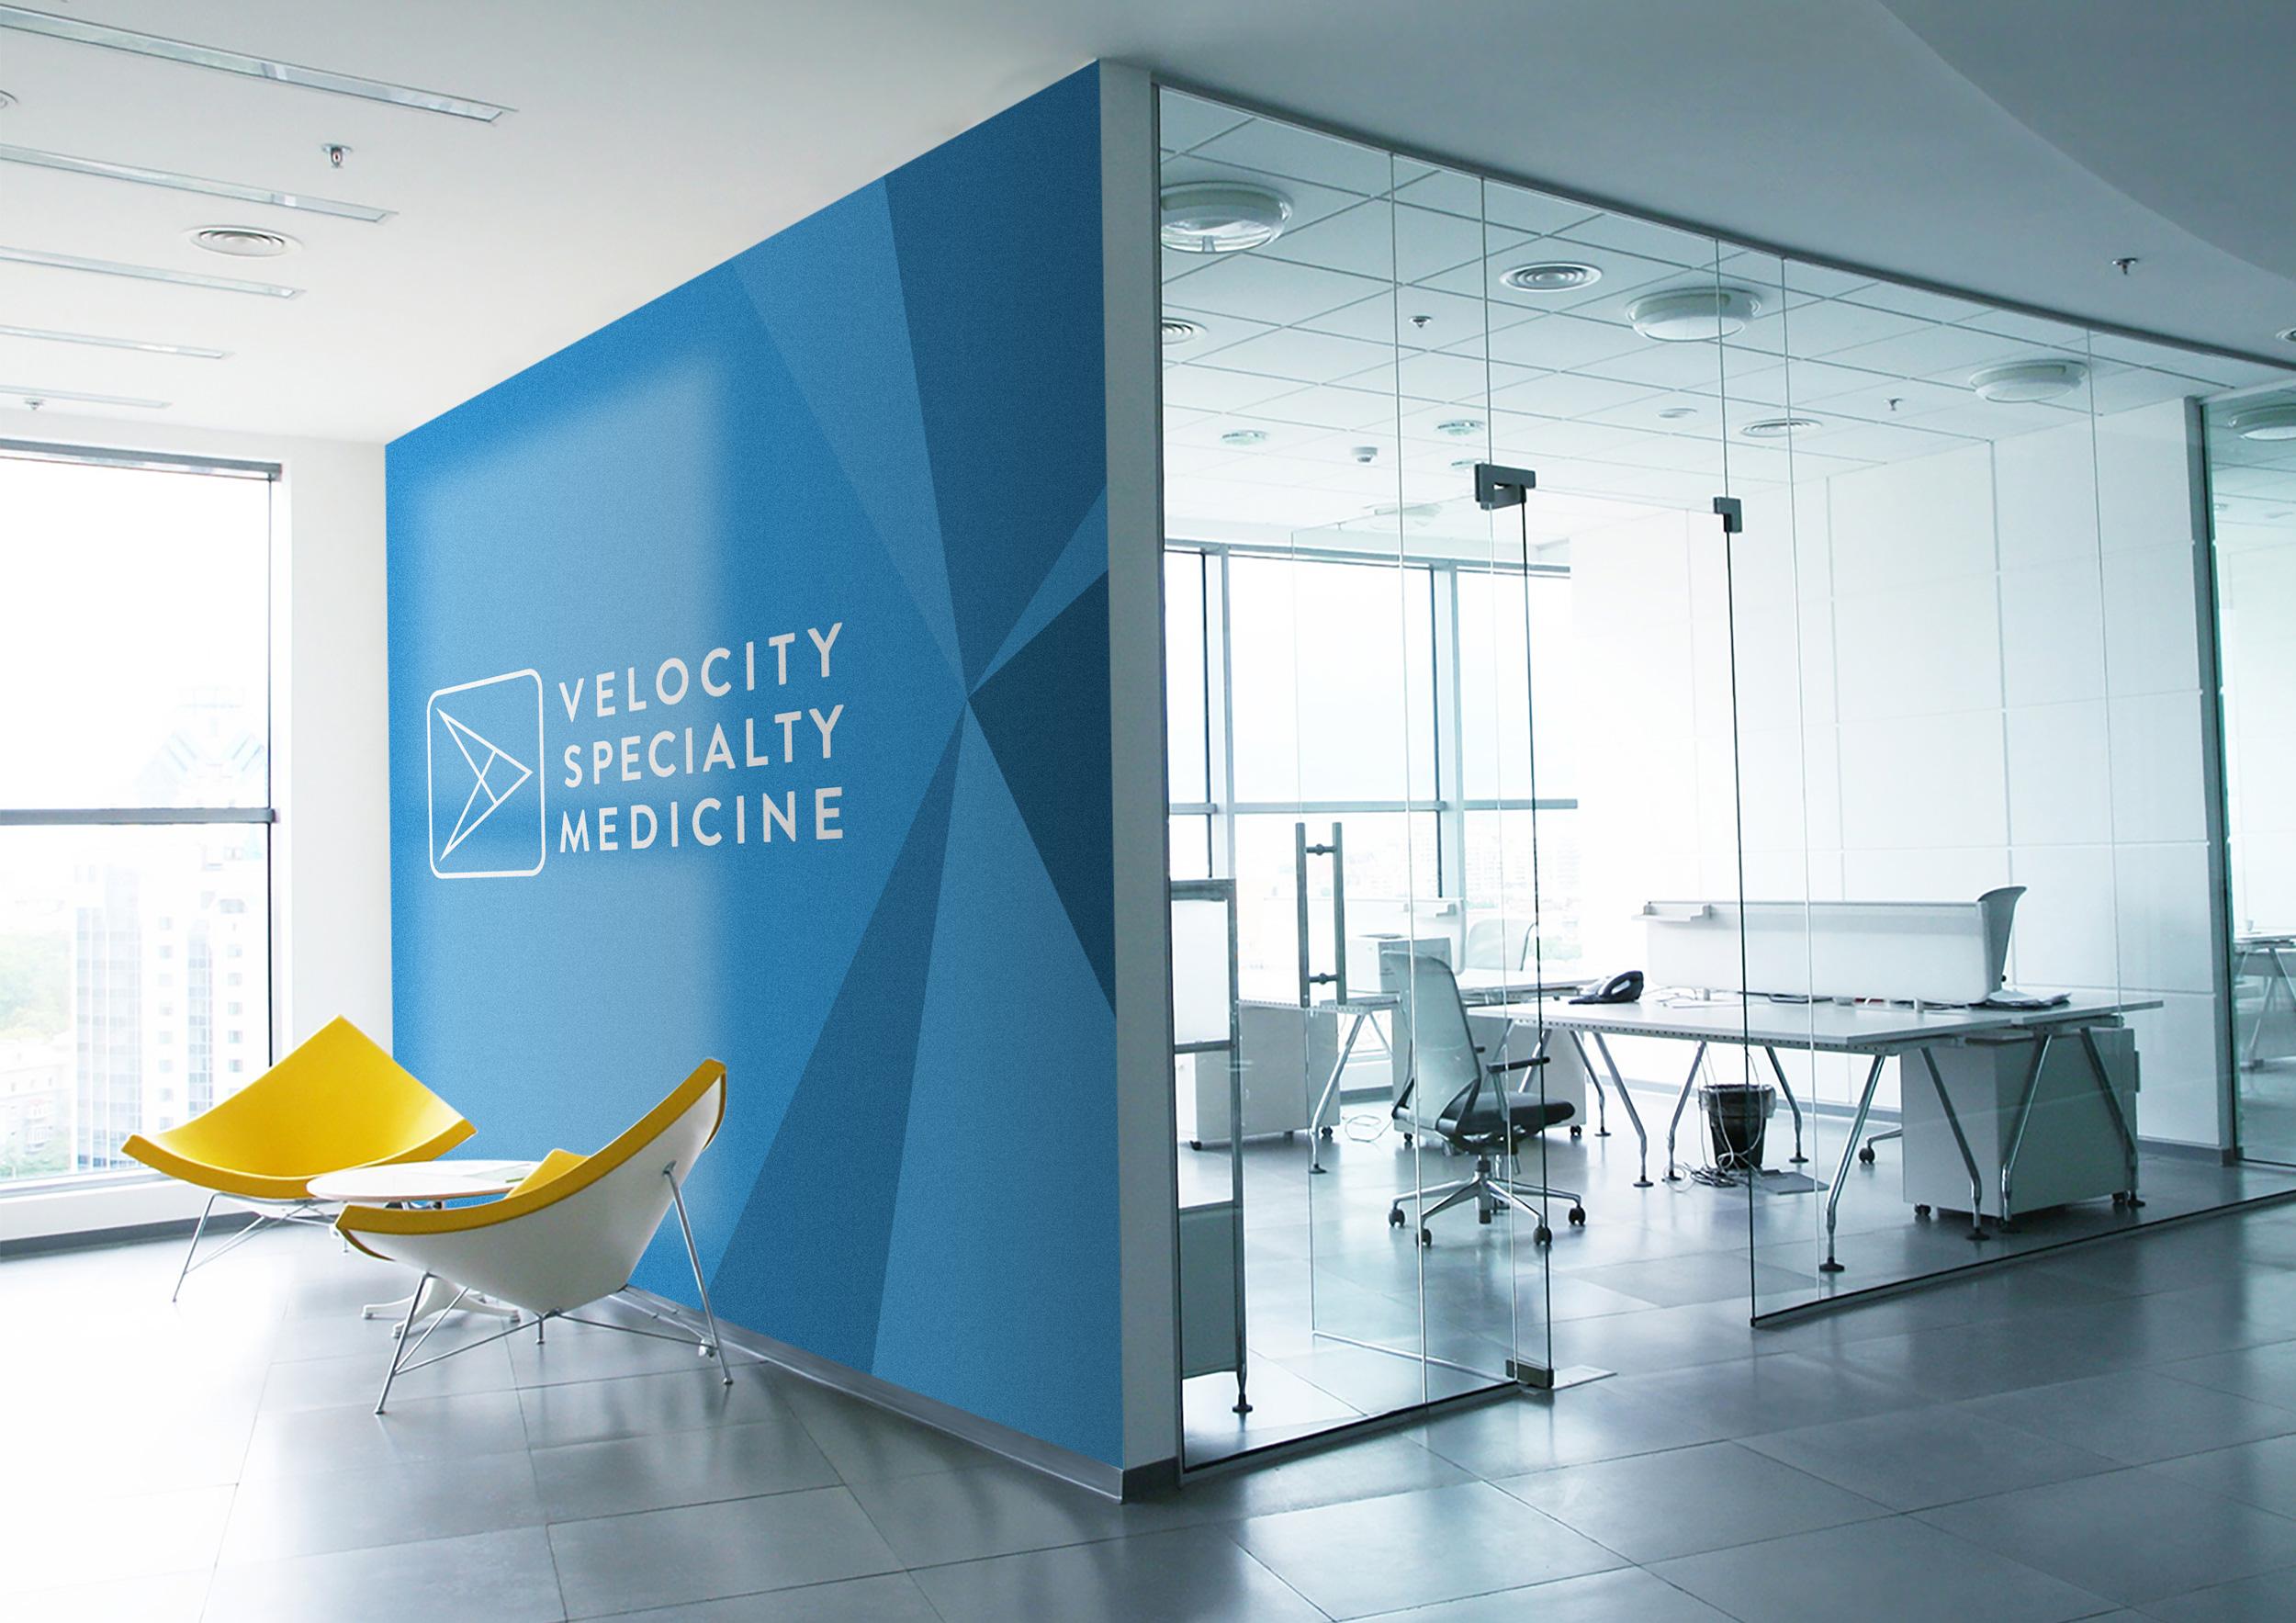 Velocity-Specialty-Medicine-Office.jpg